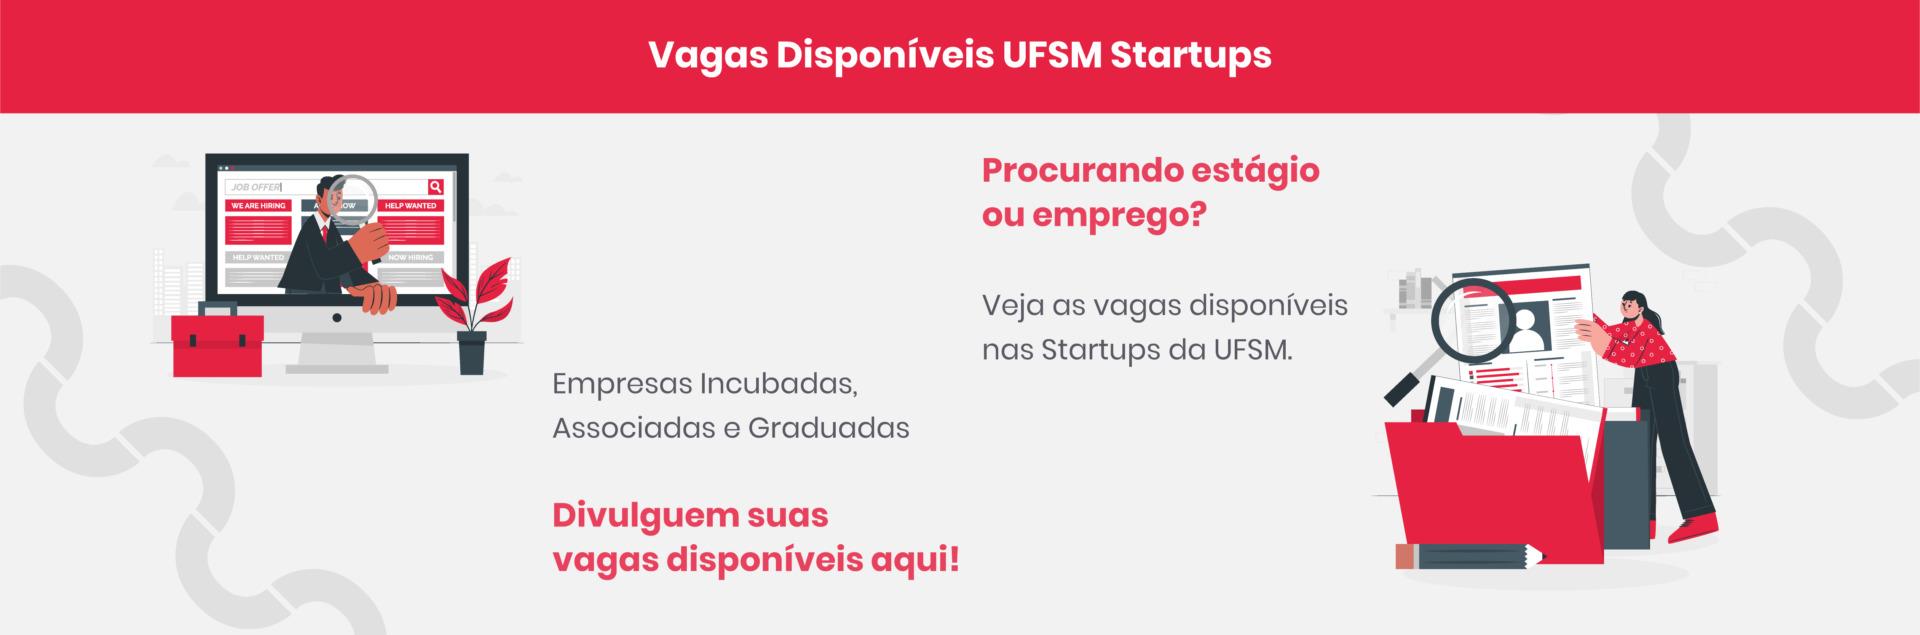 Vagas Disponíveis UFSM Startups; Empresas Incubadas, Associadas e Graduadas divulguem suas vagas disponíveis aqui!; Procurando estágio ou emprego? Veja as vagas disponíveis nas Startups da UFSM.